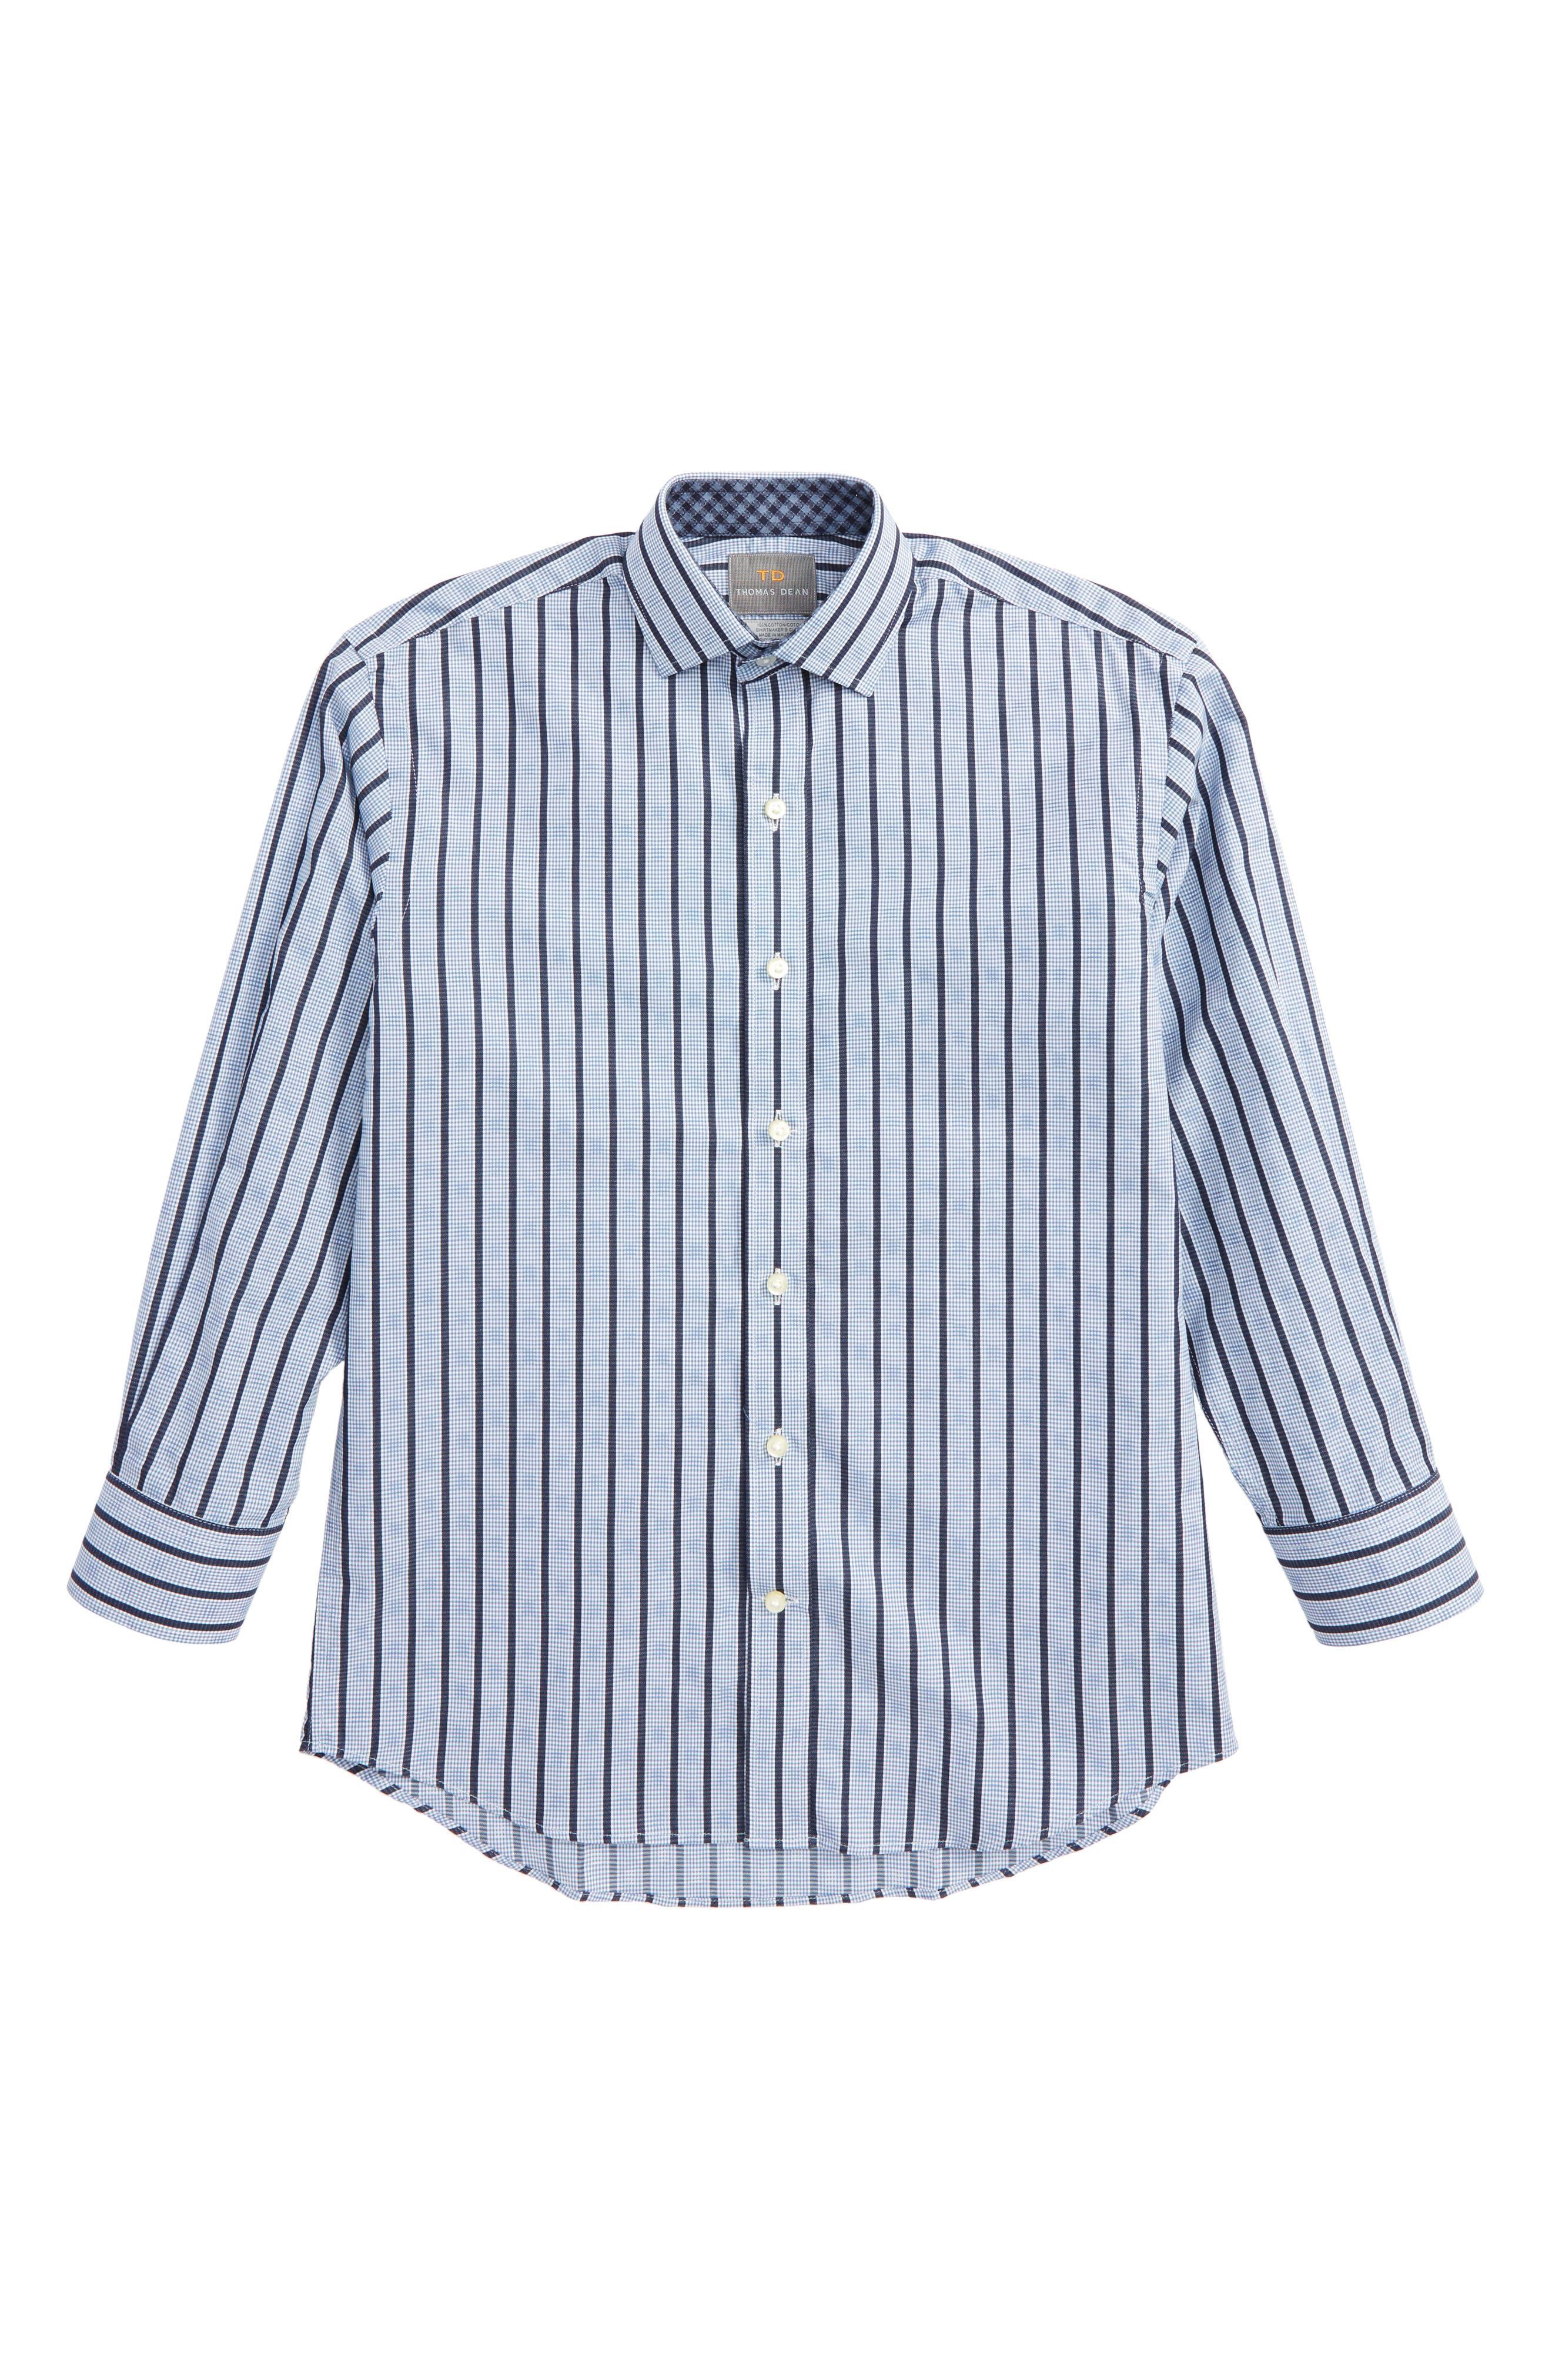 Stripe & Check Dress Shirt,                         Main,                         color, 400